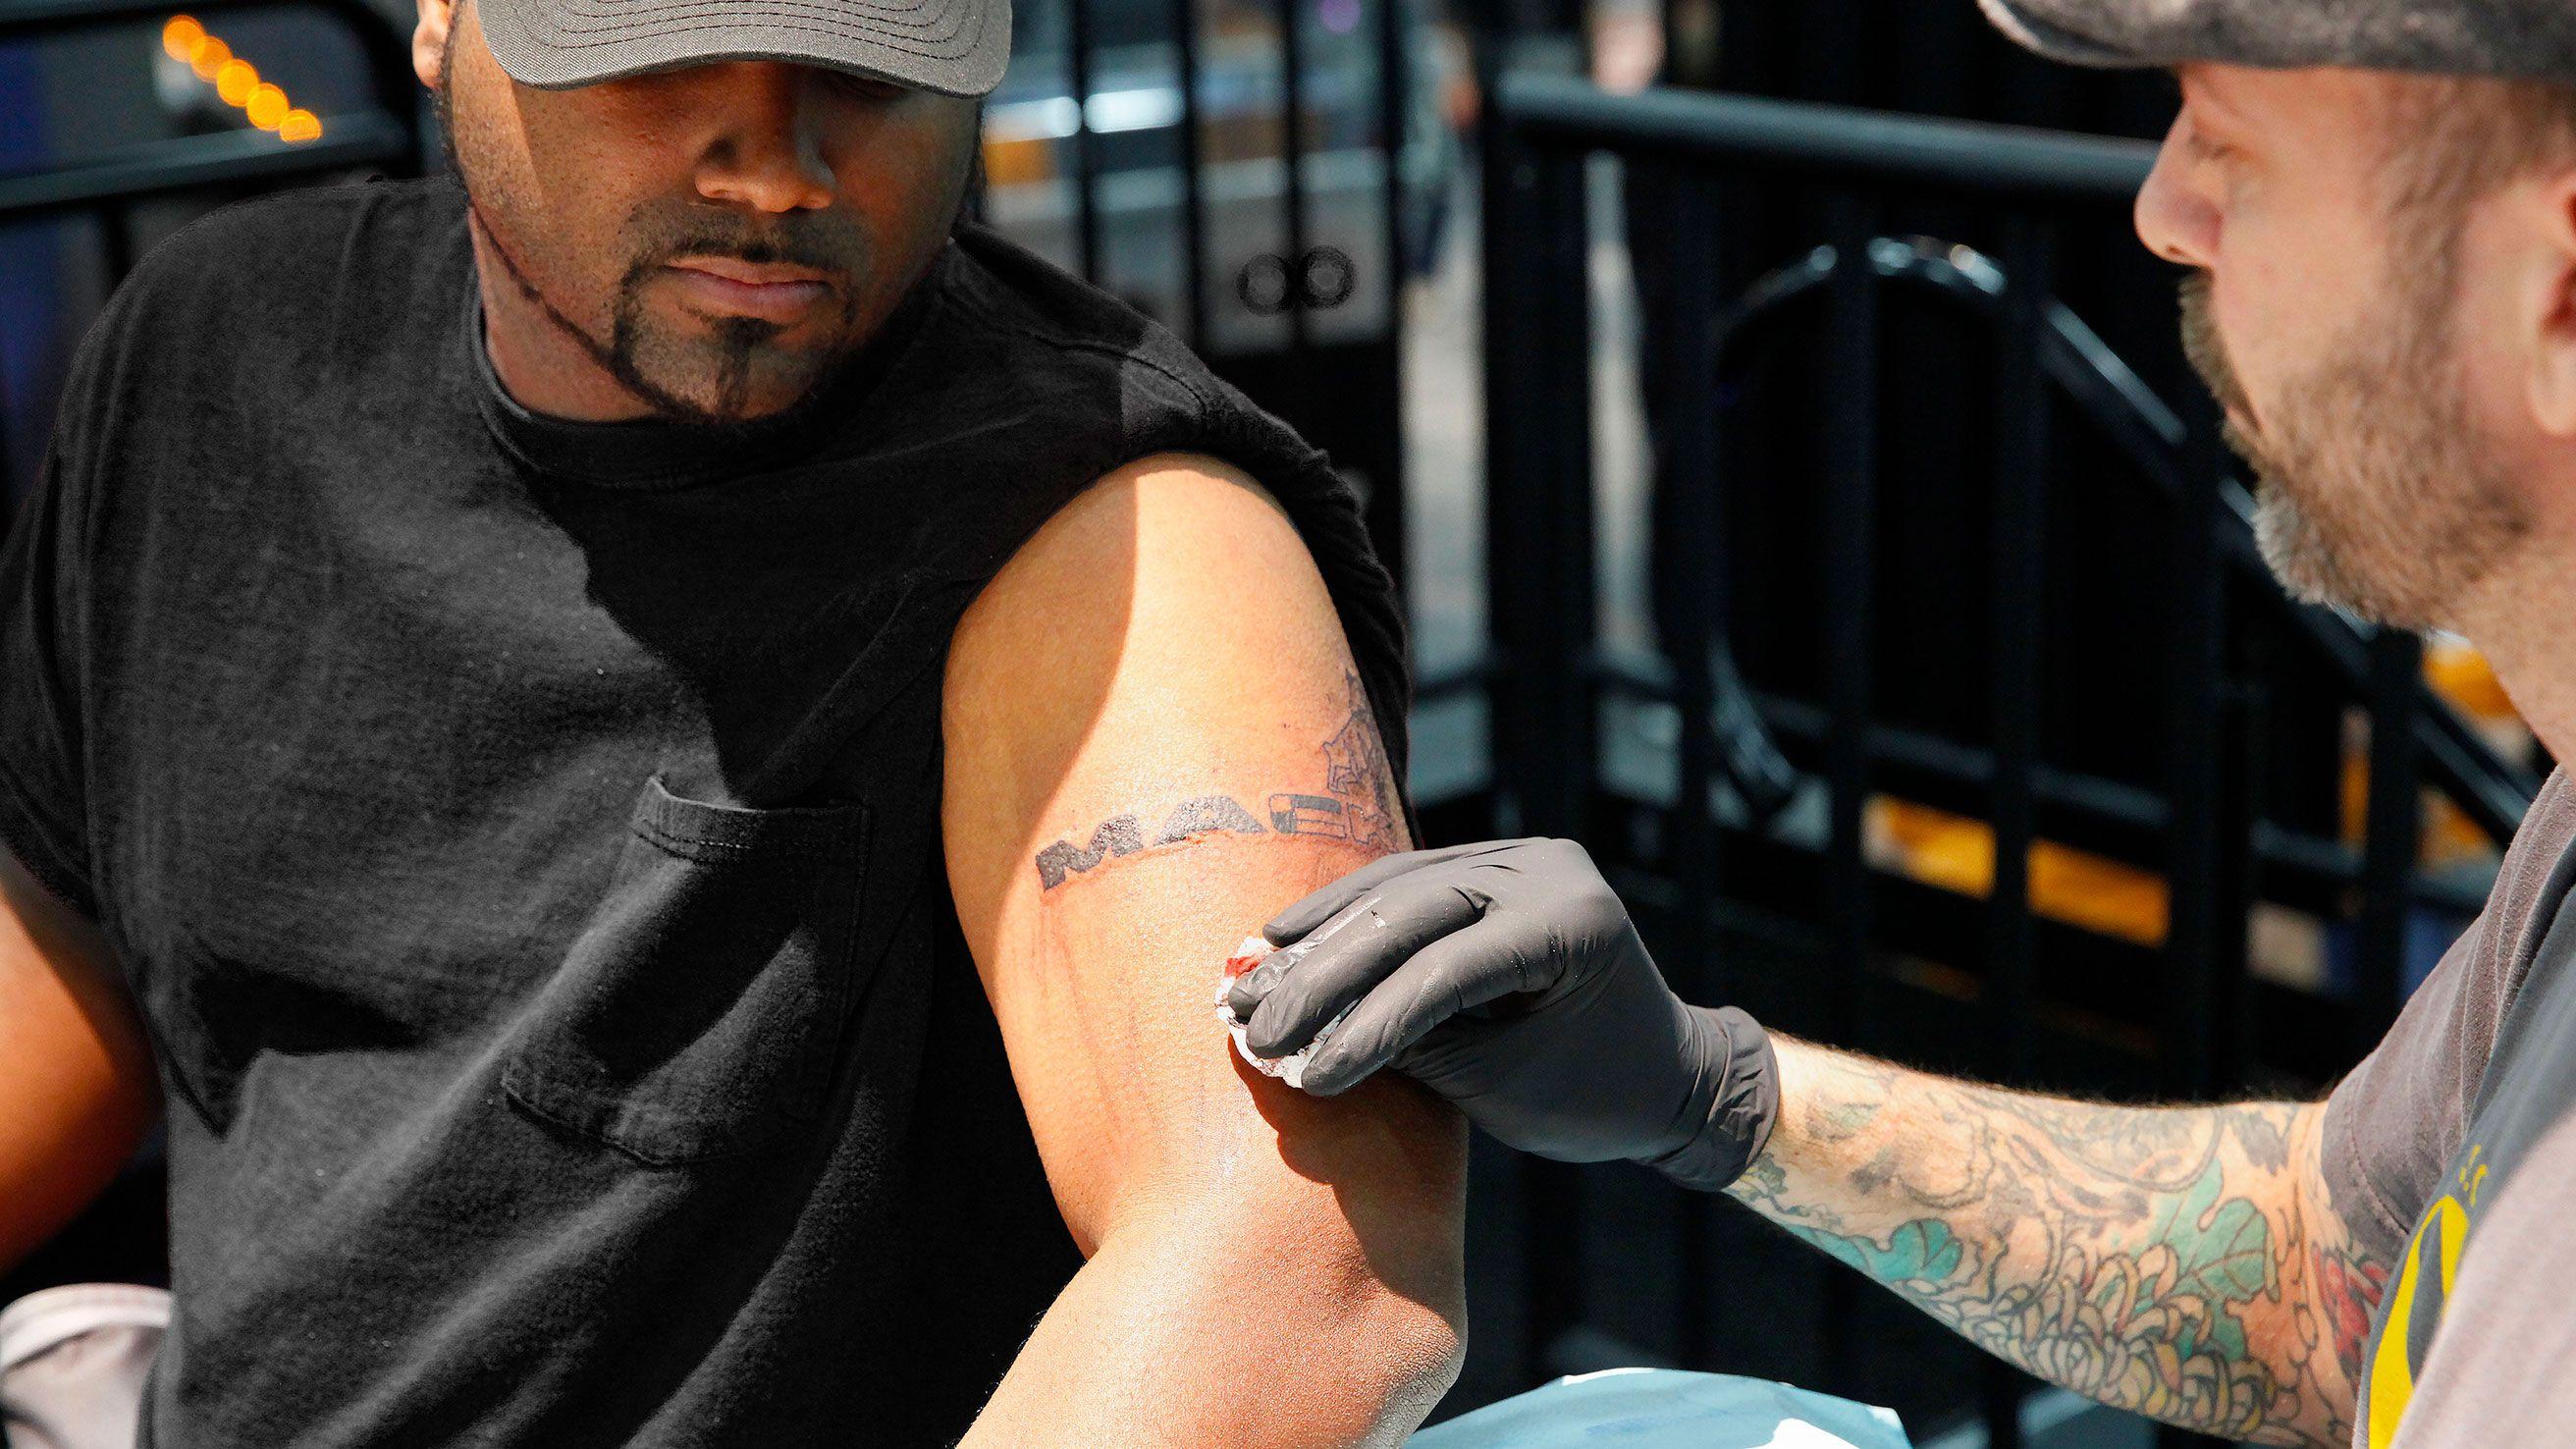 Person getting a Mack Trucks tattoo